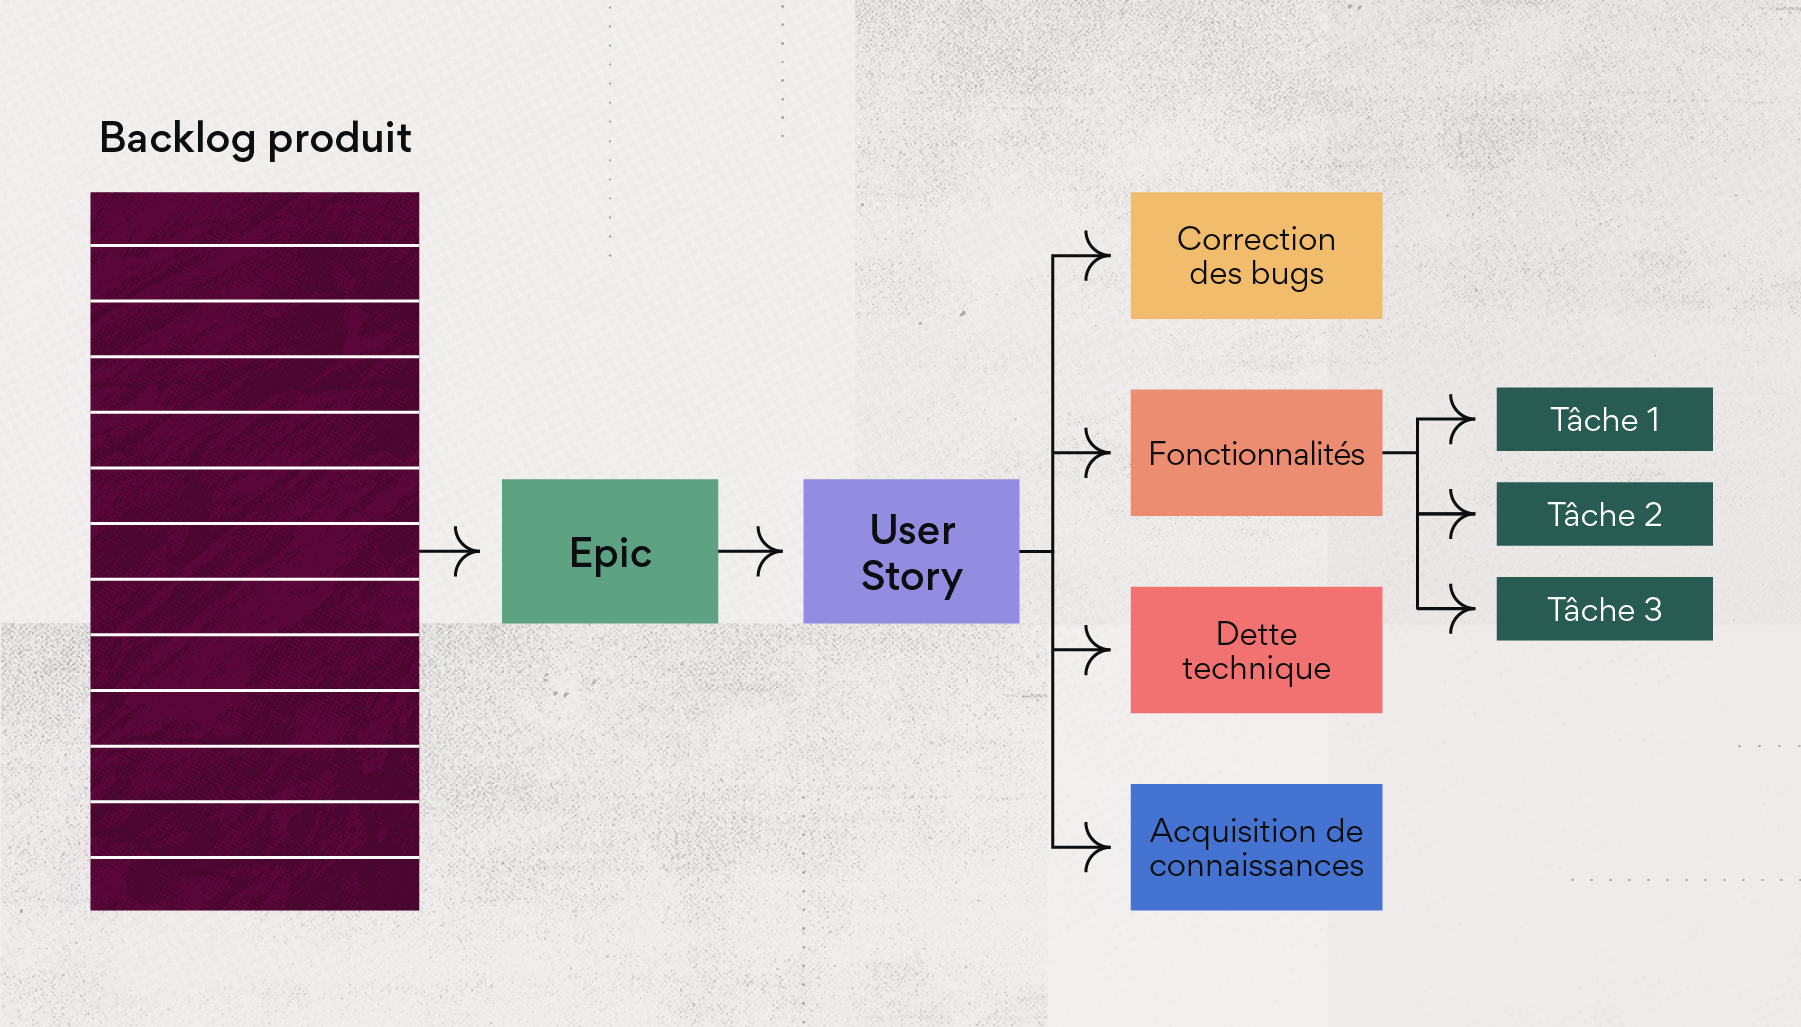 Quels sont les éléments inclus dans un backlog produit?